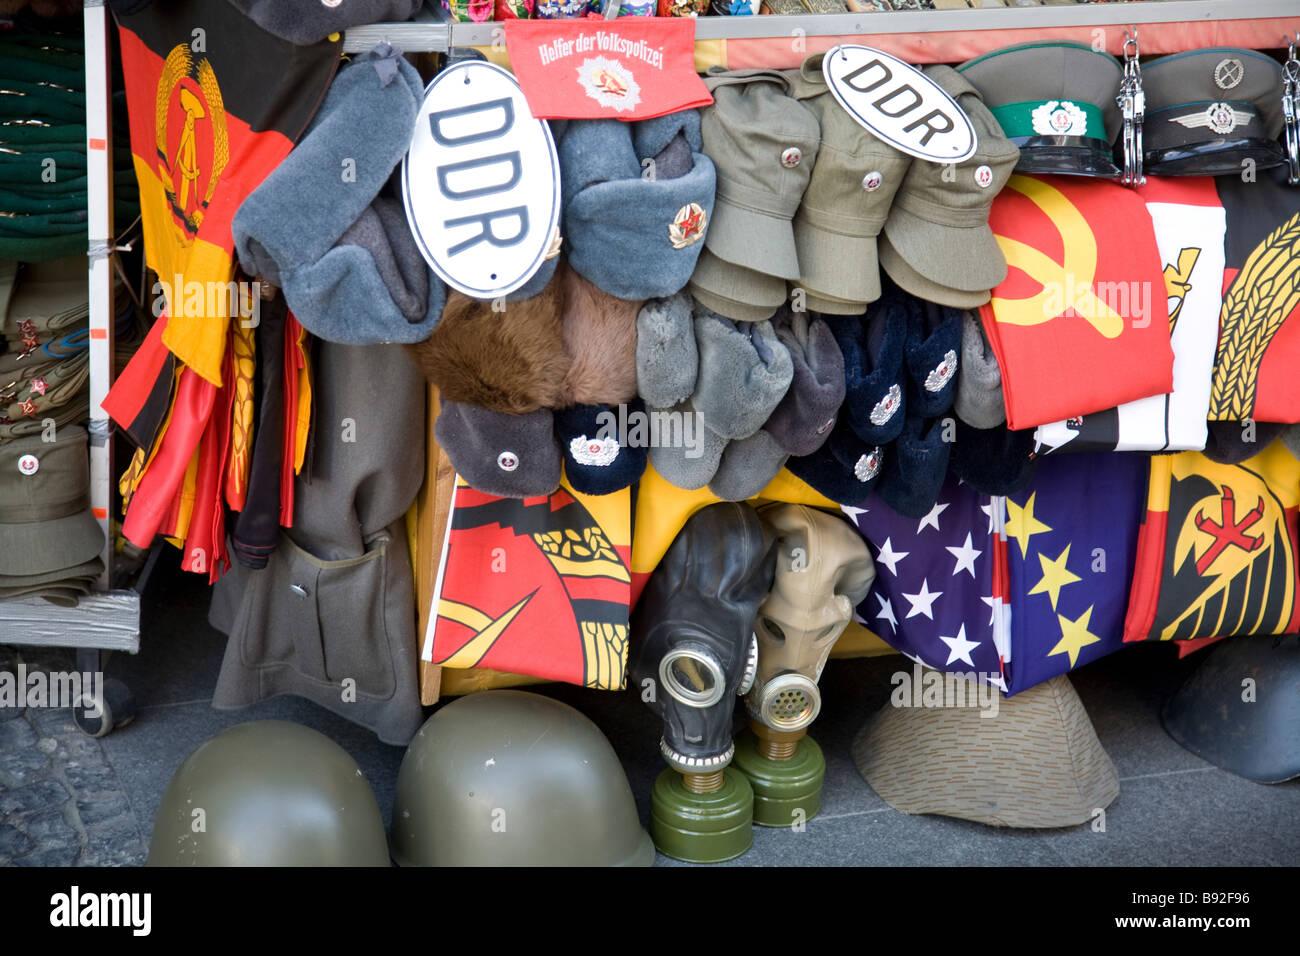 Recuerdos de la guerra fría es popular entre los turistas de Berlín en Alemania Imagen De Stock